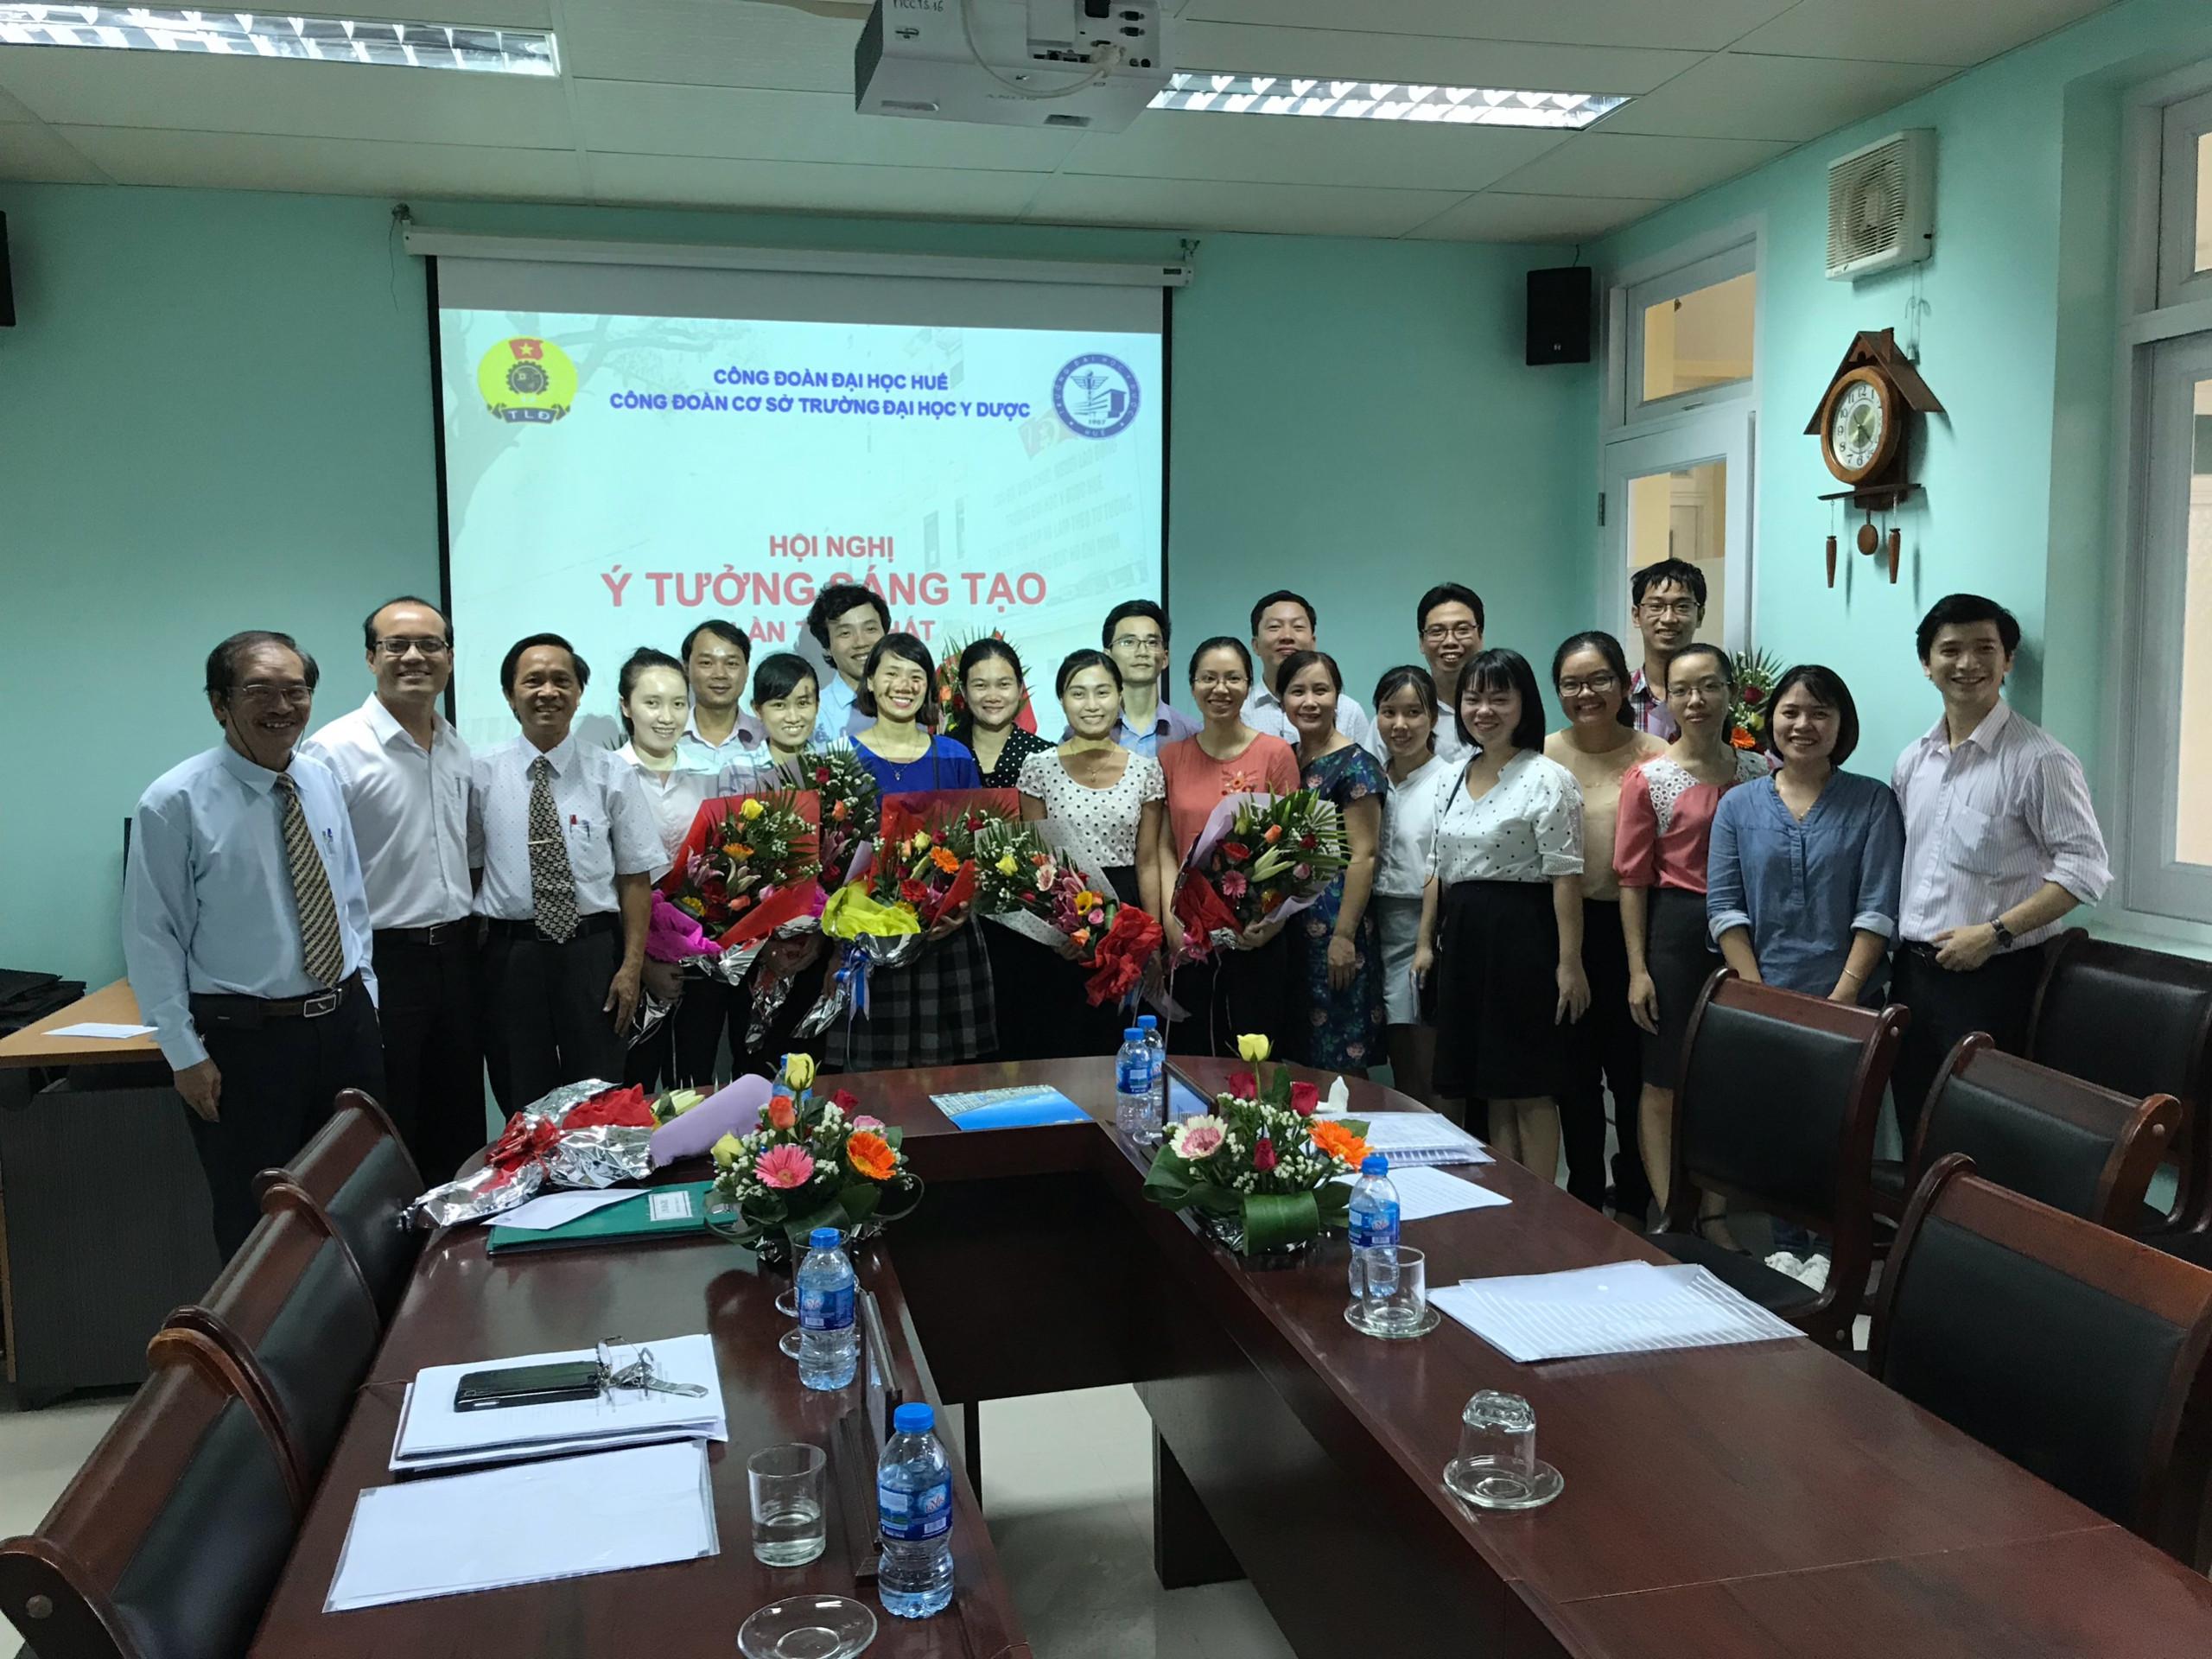 Công đoàn cơ sở Trường ĐH Y Dược Huế tổ chức Hội nghị ý tưởng sáng tạo lần thứ nhất